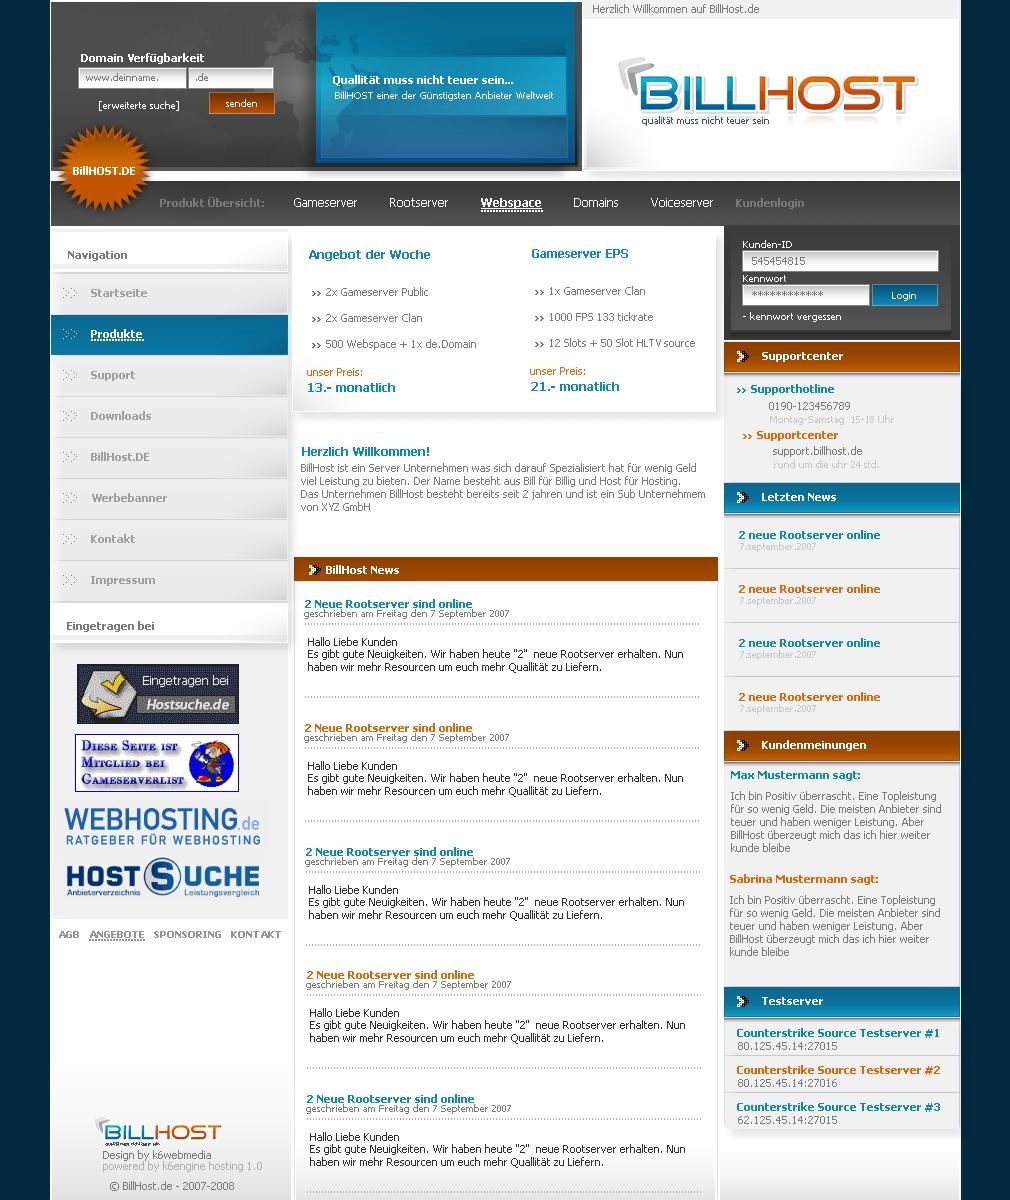 BillHOST Website by K6WEBMEDIA